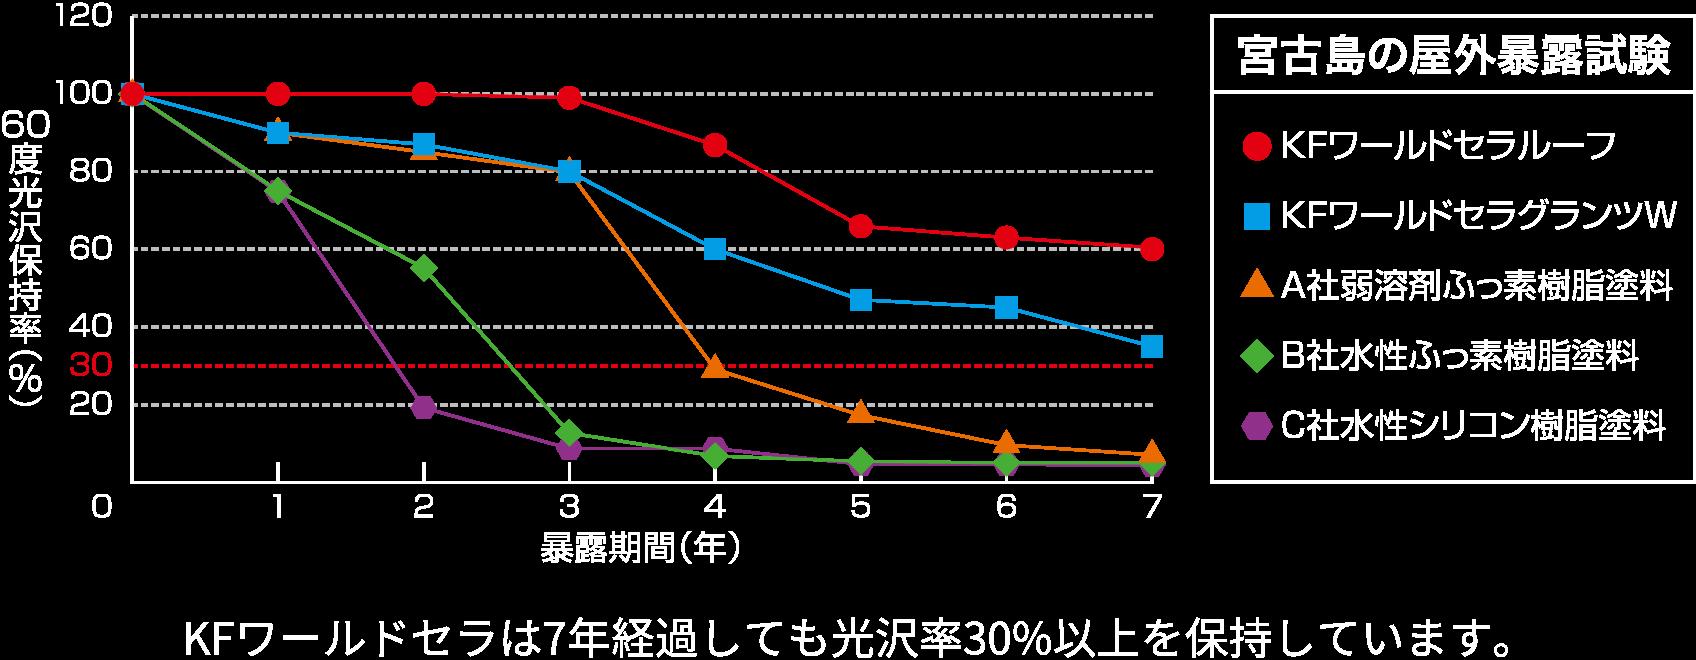 宮古島での屋外暴露試験のグラフ